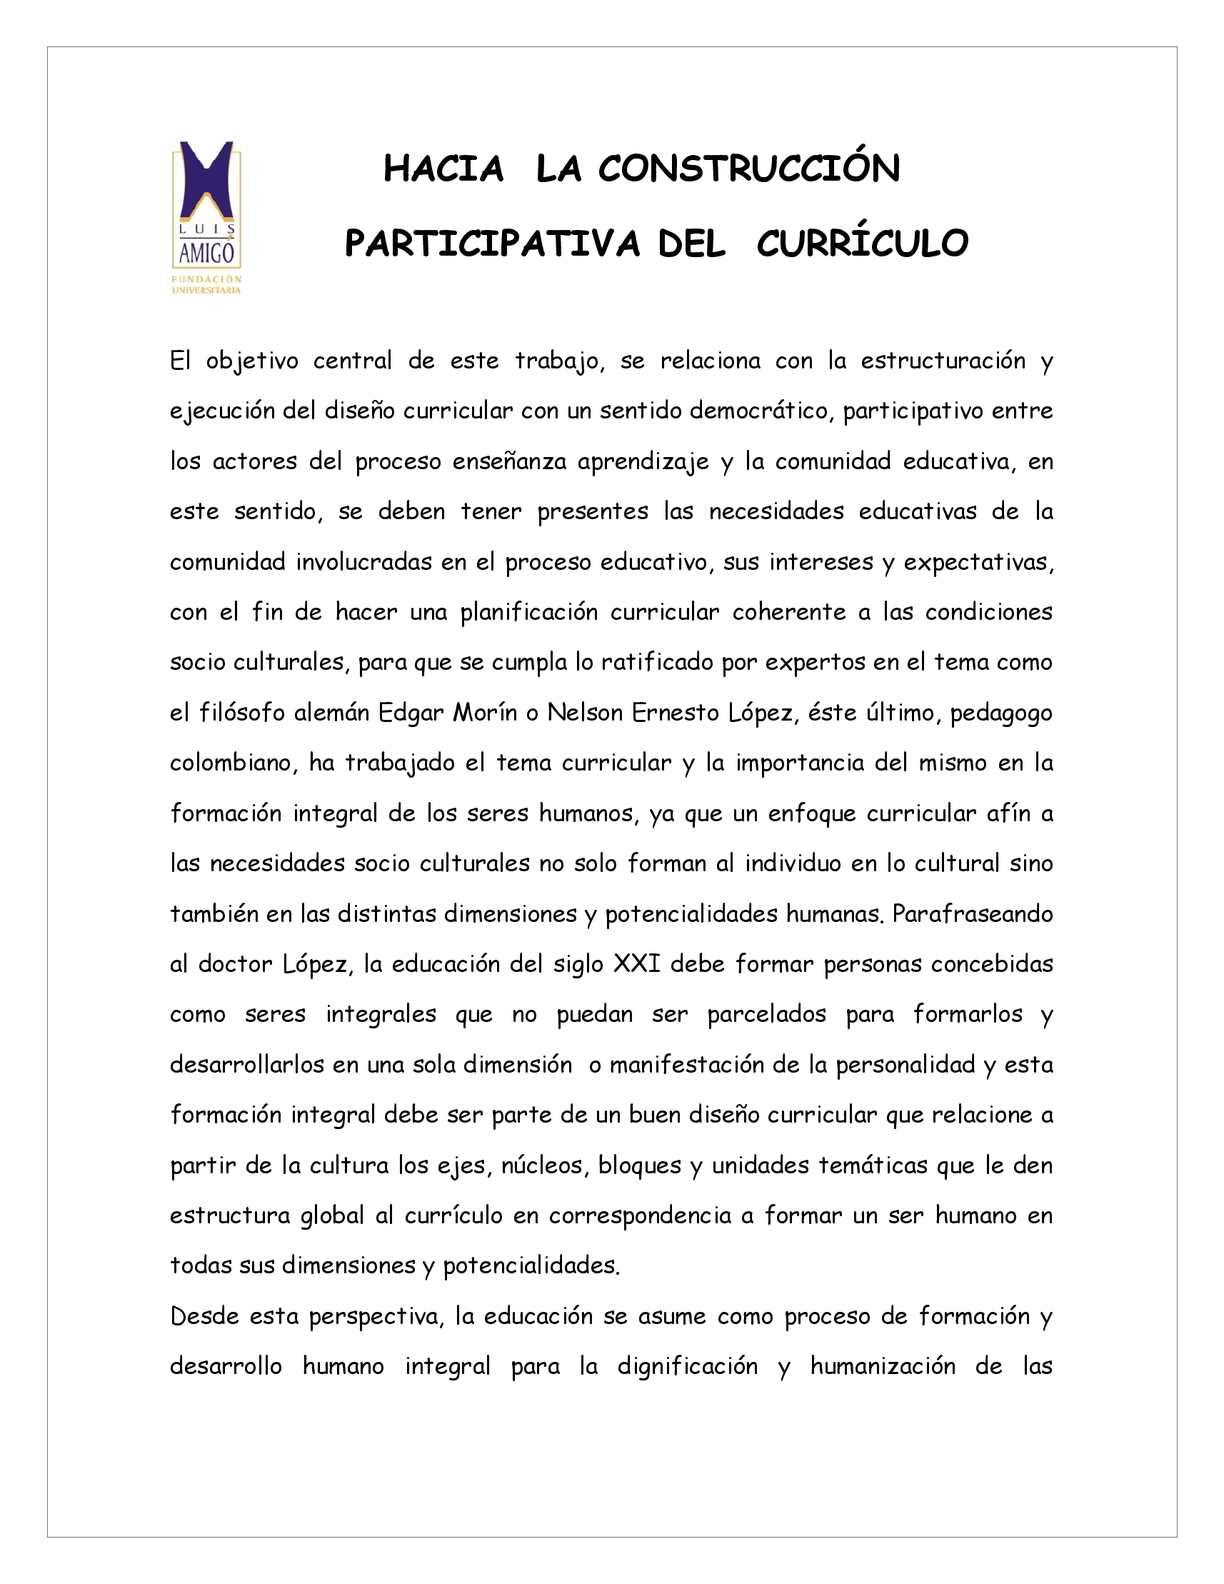 Calaméo - CONSTRUCCIÓN PARTICIPATIVA DEL MODELO CURRICULAR